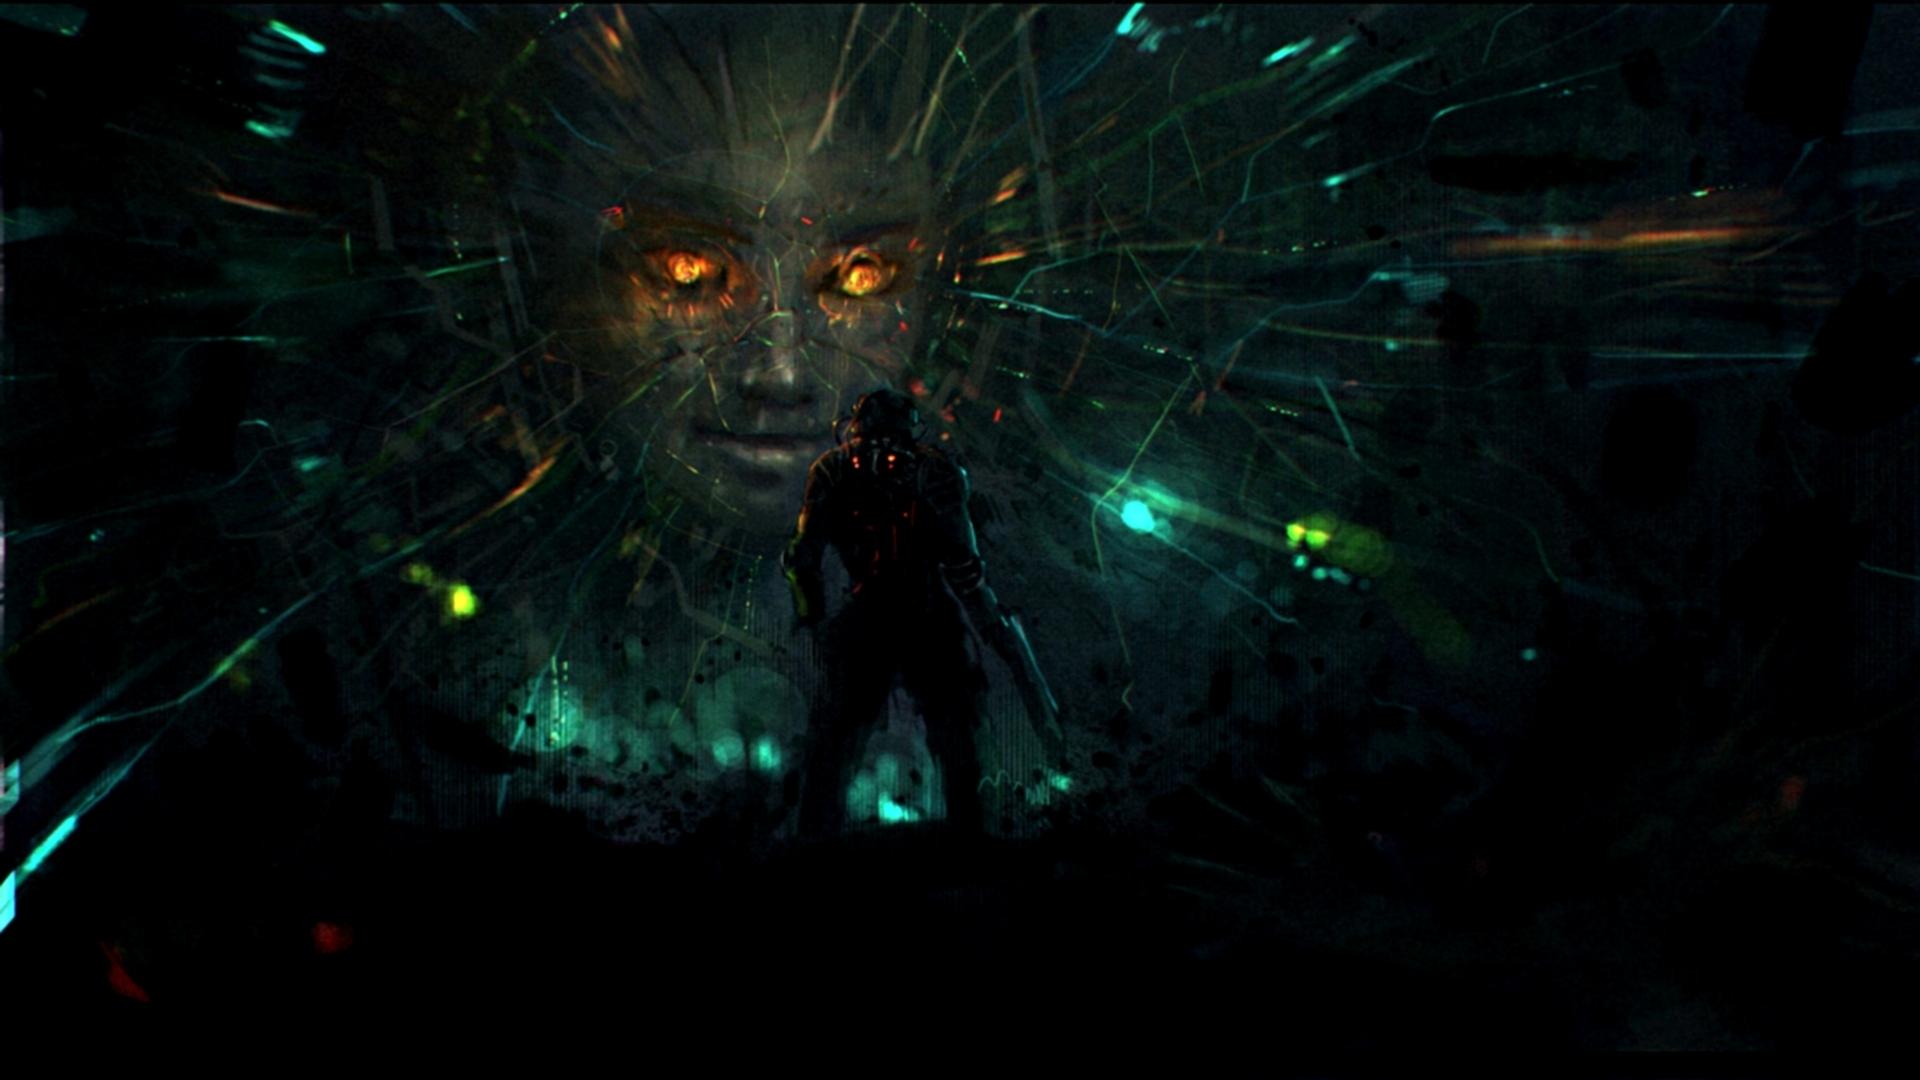 G Shock Hd Wallpaper Hd Cyberpunk Wallpapers Pixelstalk Net